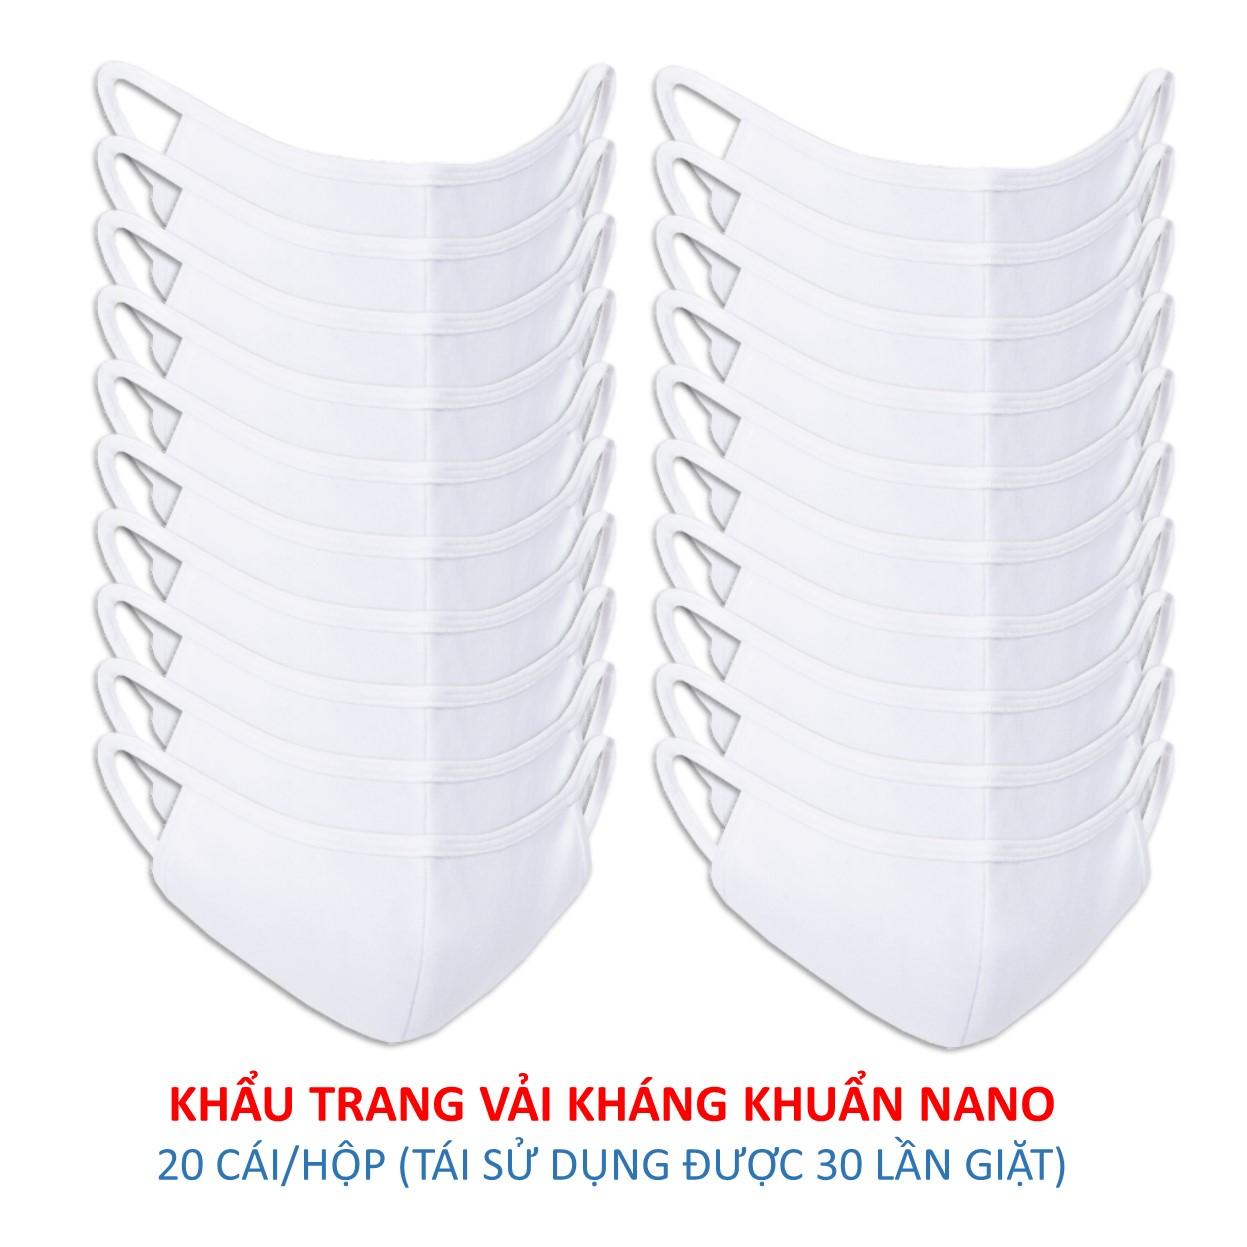 Hộp 20 Khẩu Trang Vải Kháng Khuẩn Nano Anntex